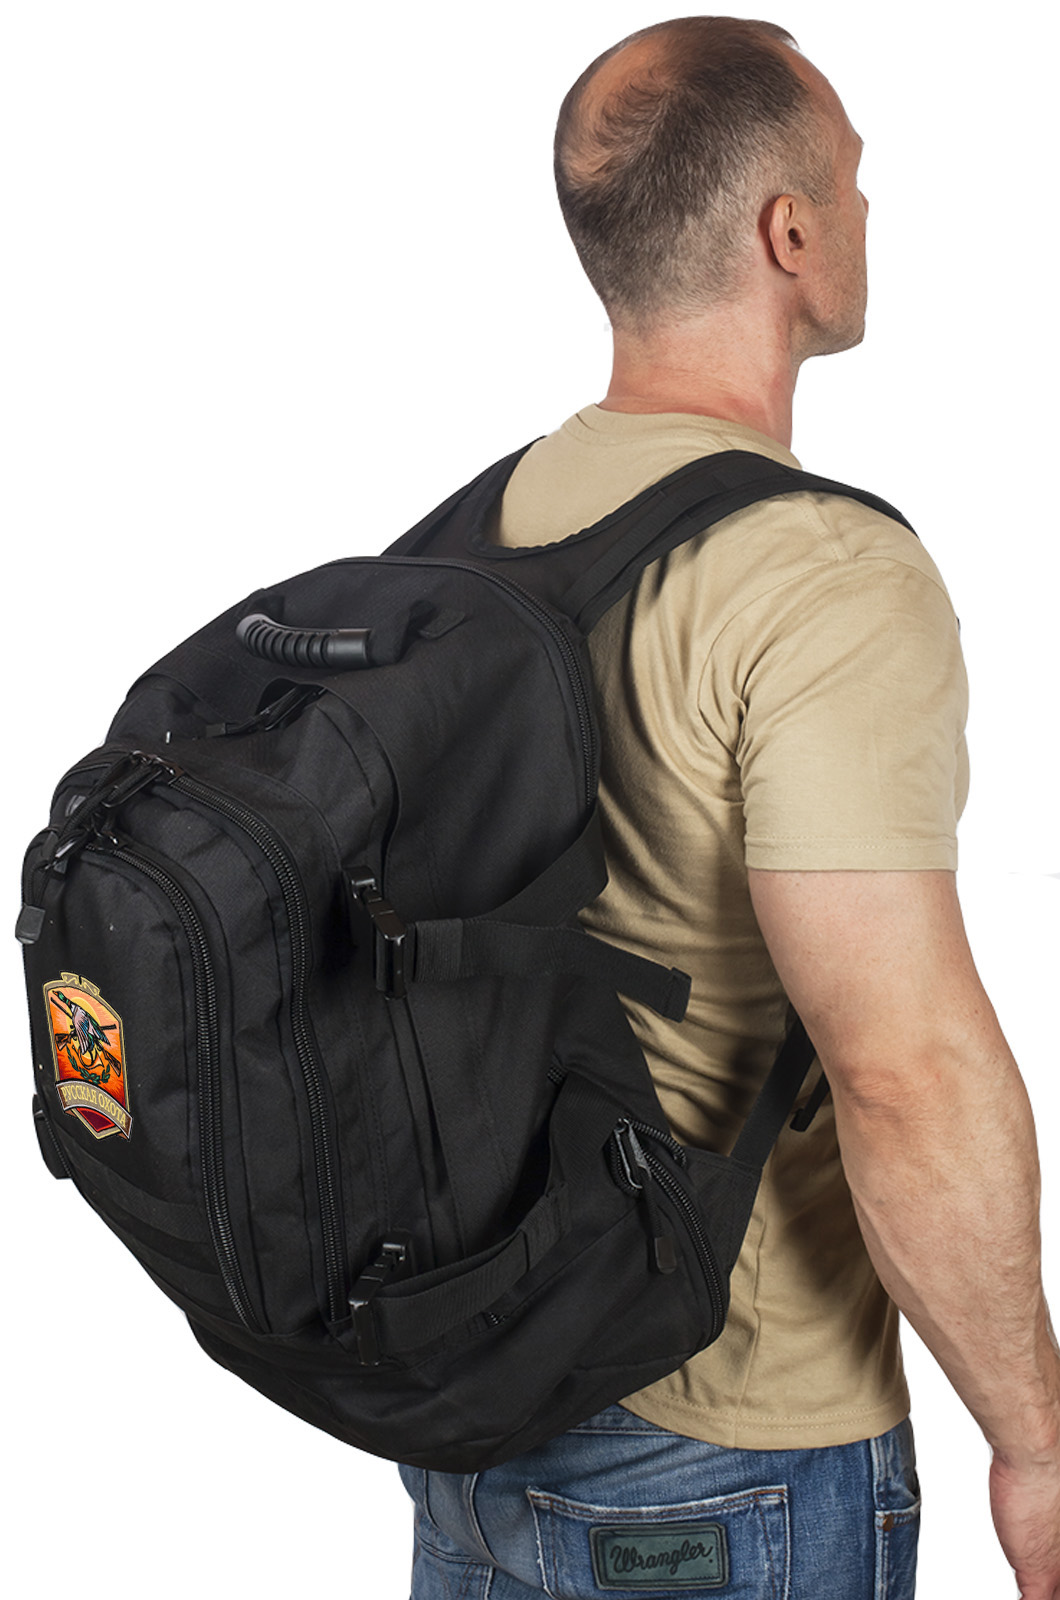 Универсальный охотничий рюкзак с нашивкой Русская Охота - купить в розницу